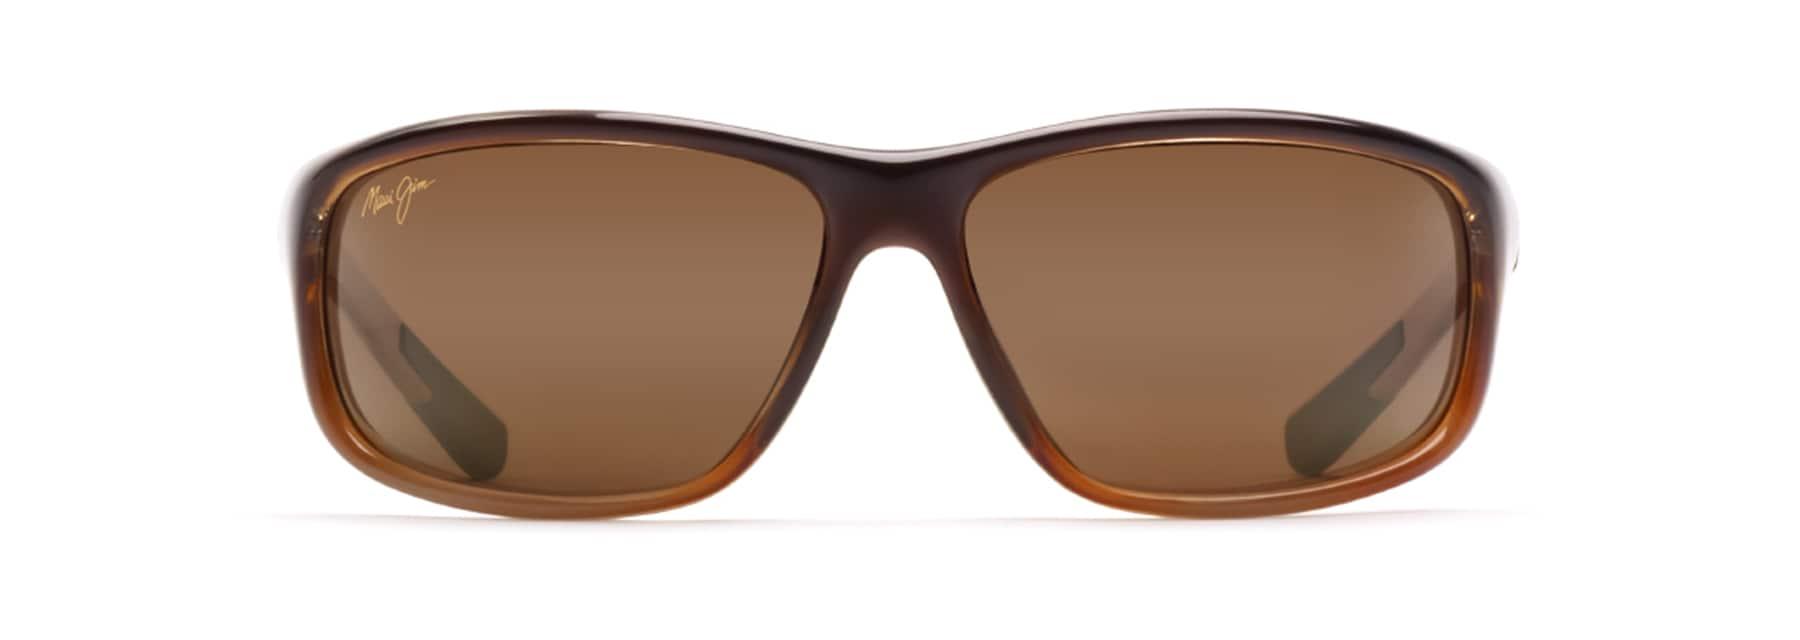 255b2bc2d5f5b Spartan Reef Polarized Sunglasses